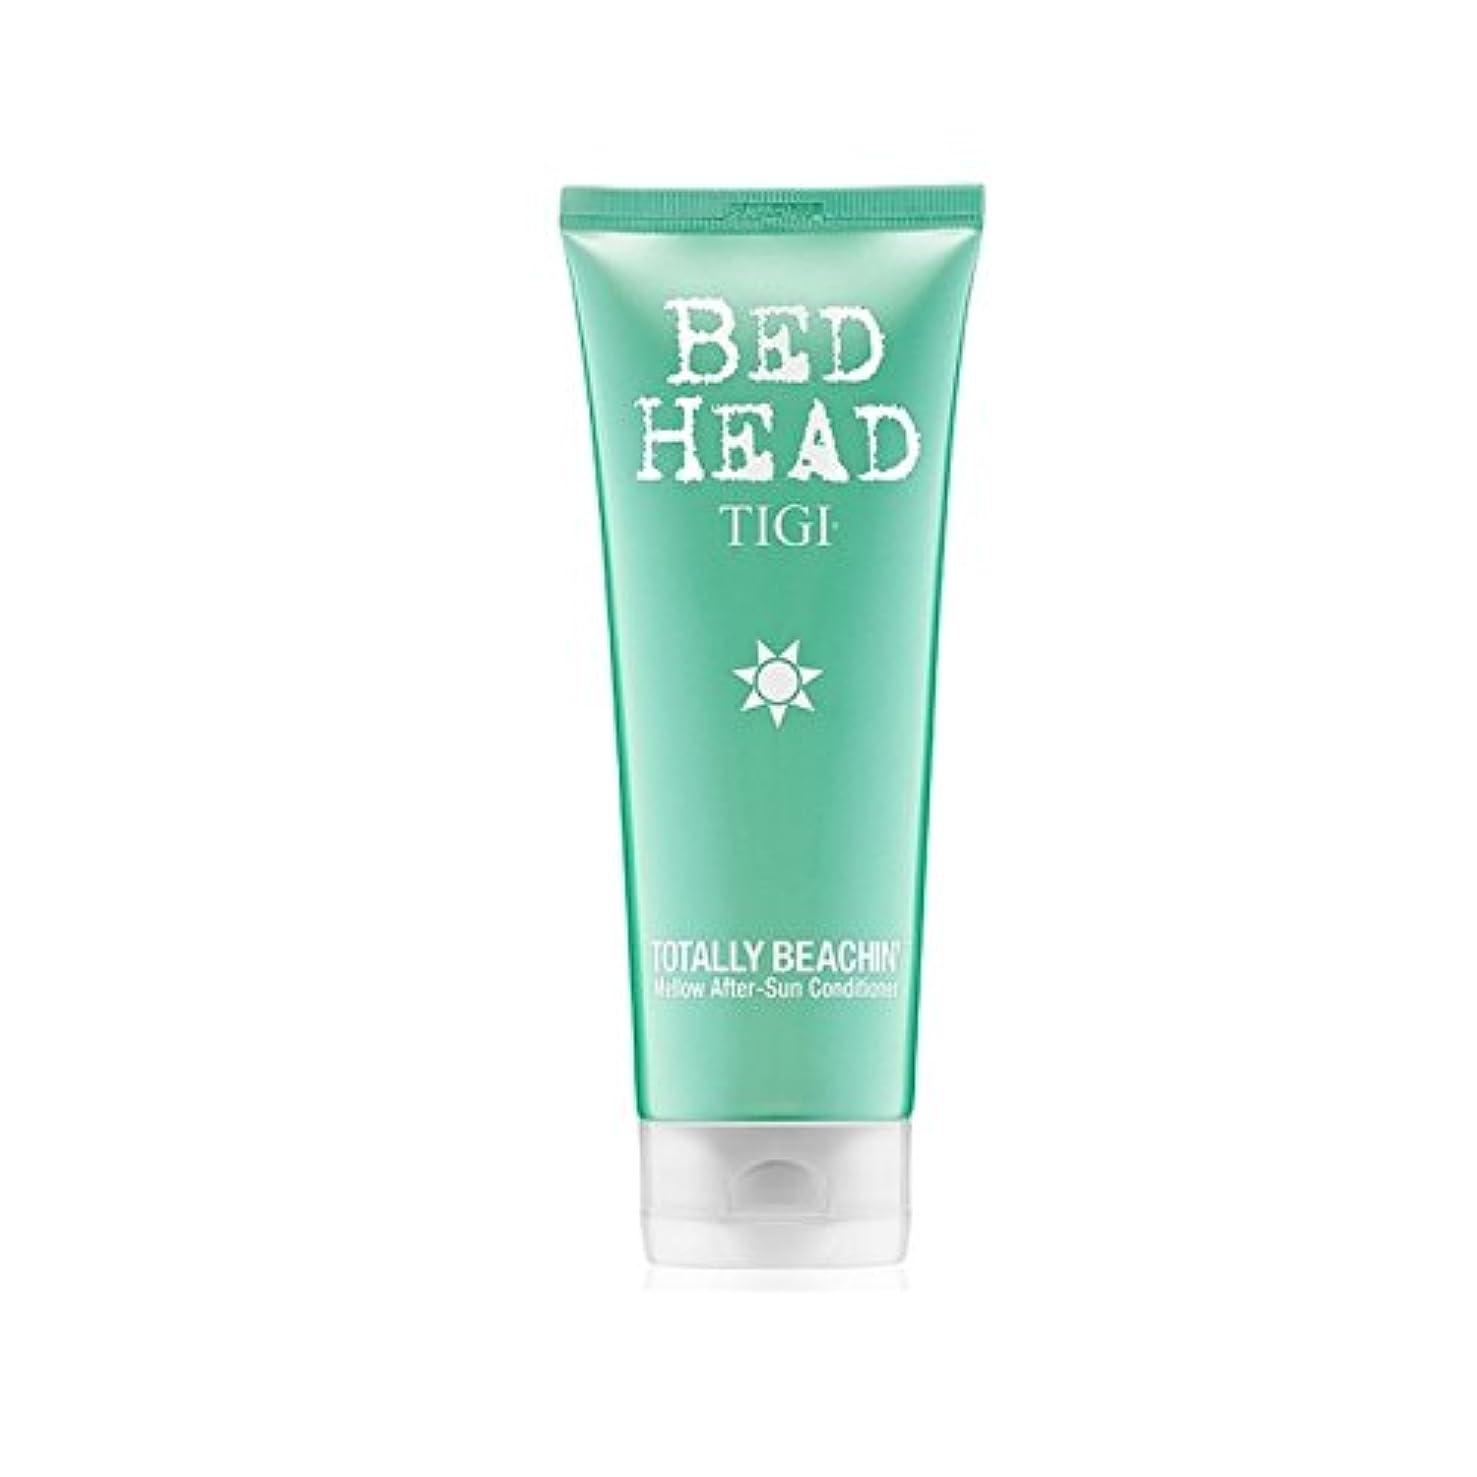 神聖やがて四面体ティジーベッドヘッド全くまろやかアフターサンコンディショナー(200ミリリットル) x2 - Tigi Bed Head Totally Beachin Mellow After-Sun Conditioner (200ml) (Pack of 2) [並行輸入品]